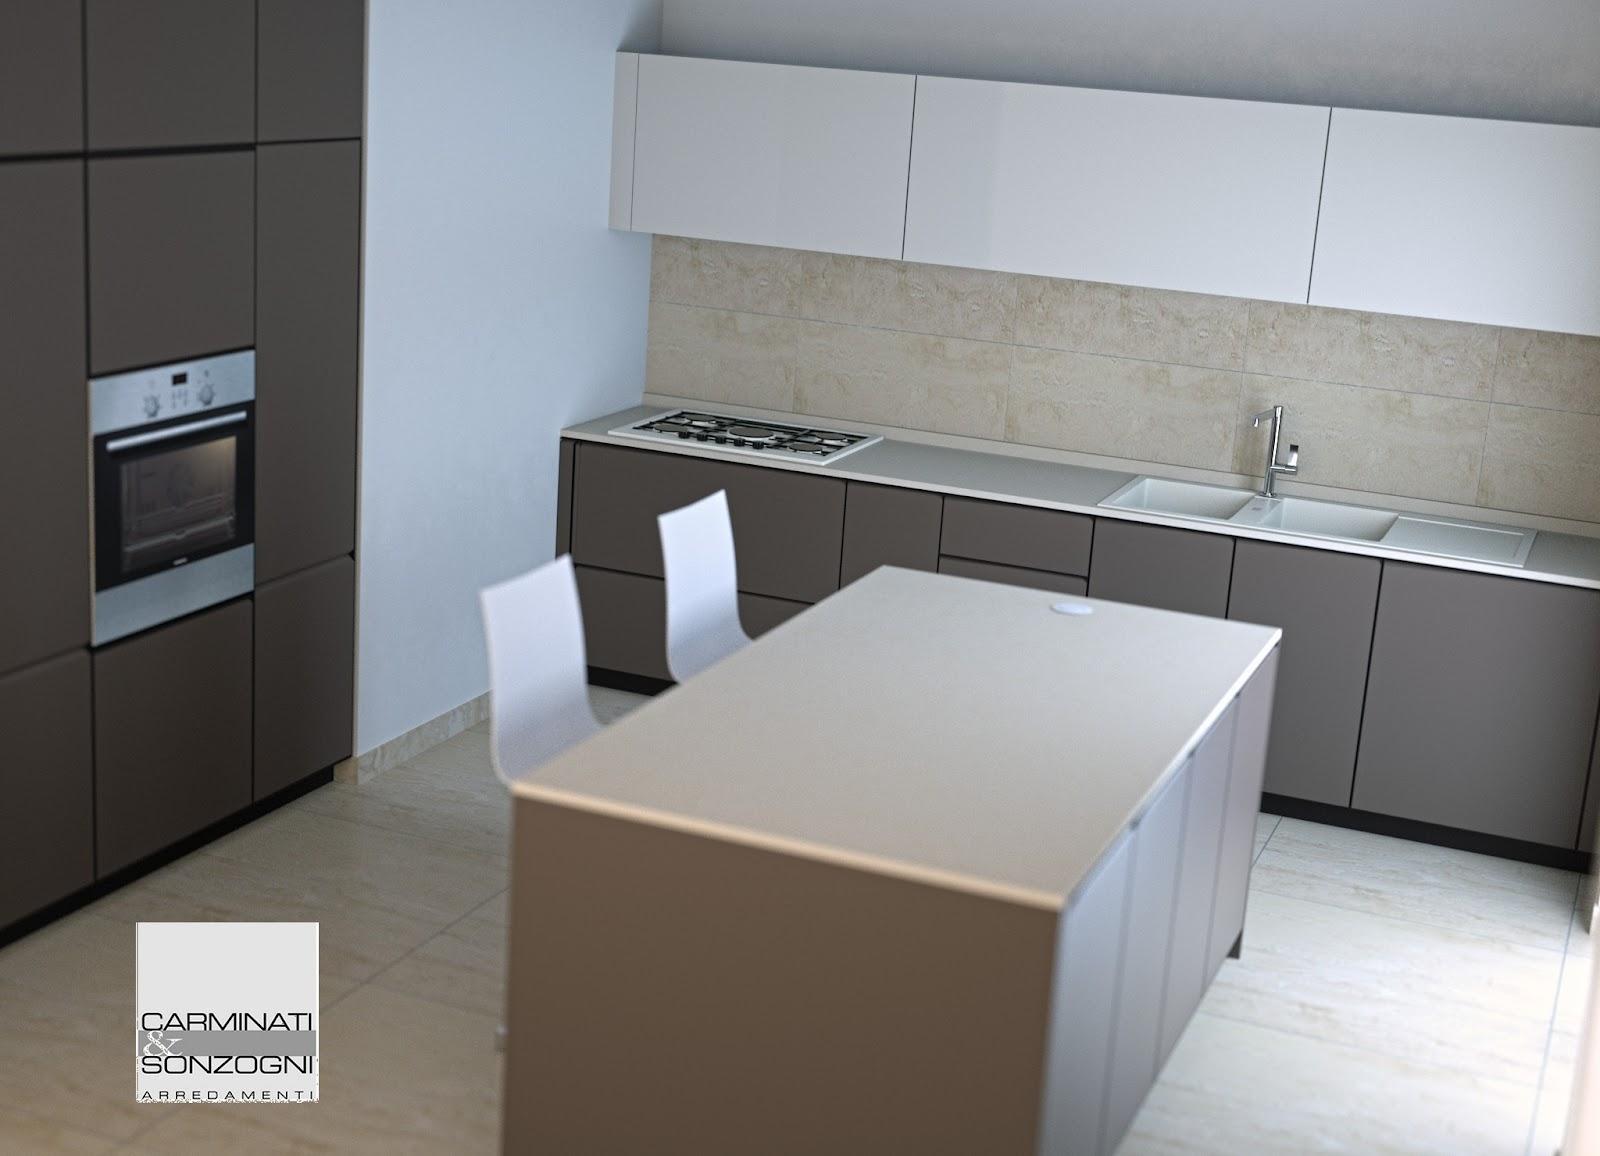 Cucine la casa moderna carminati e sonzognicarminati e sonzogni - Ikea progettazione cucine ...